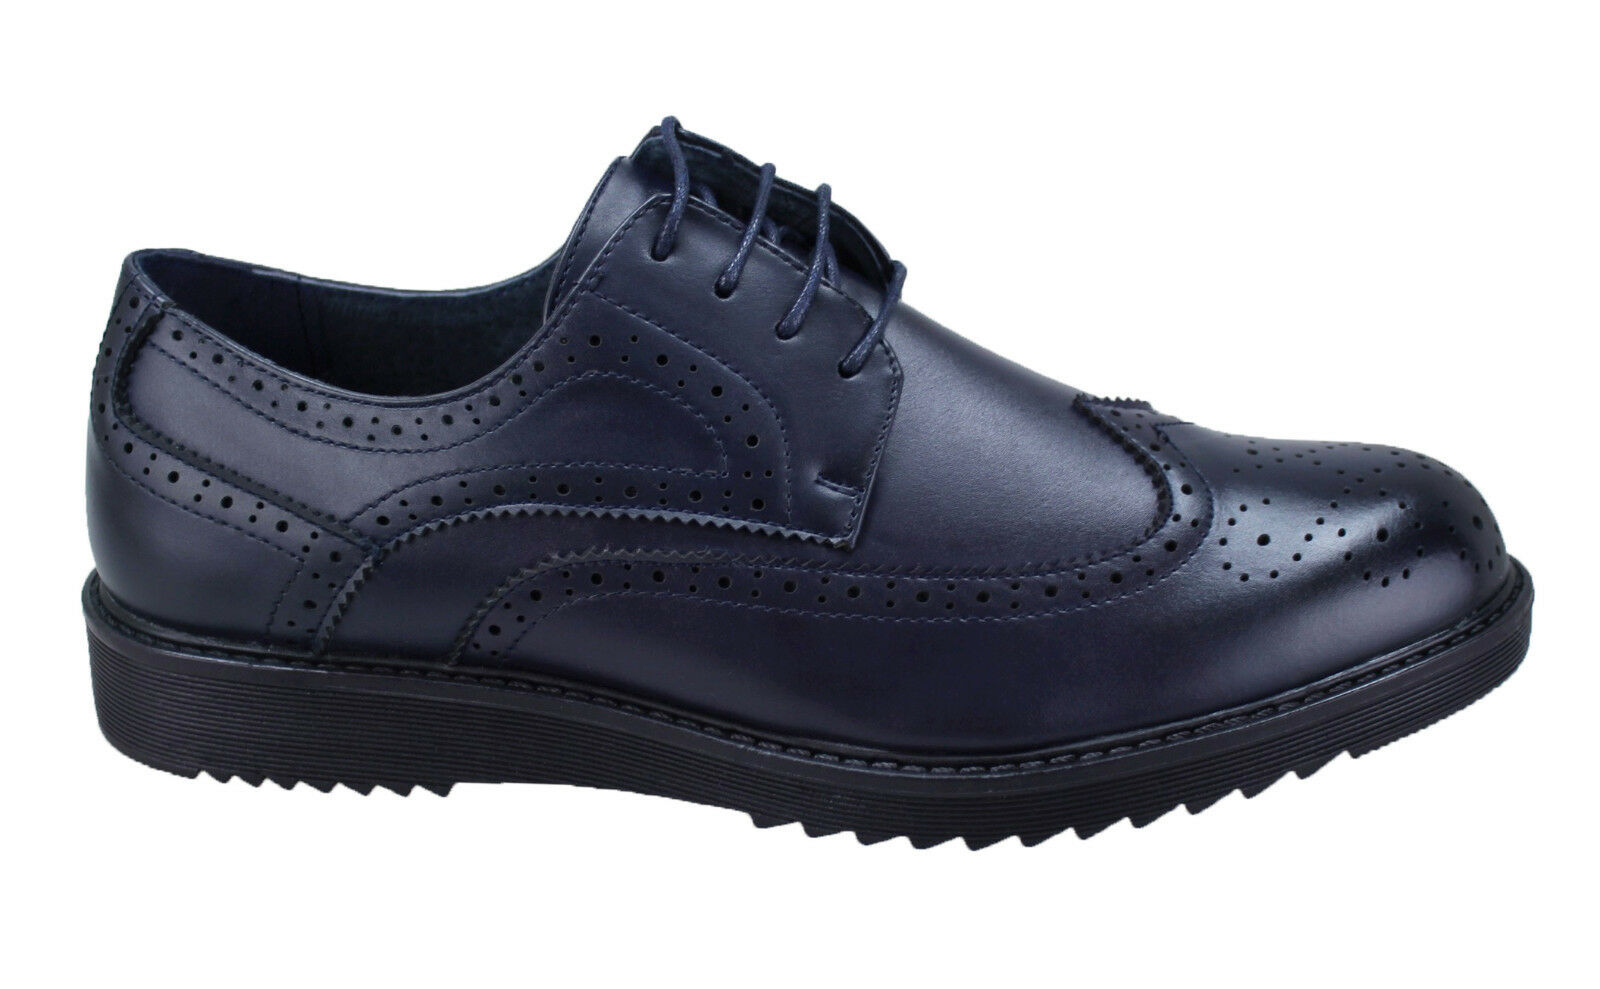 shoes oxford homme Diamant blue casual Élégant neuf parisiens man's